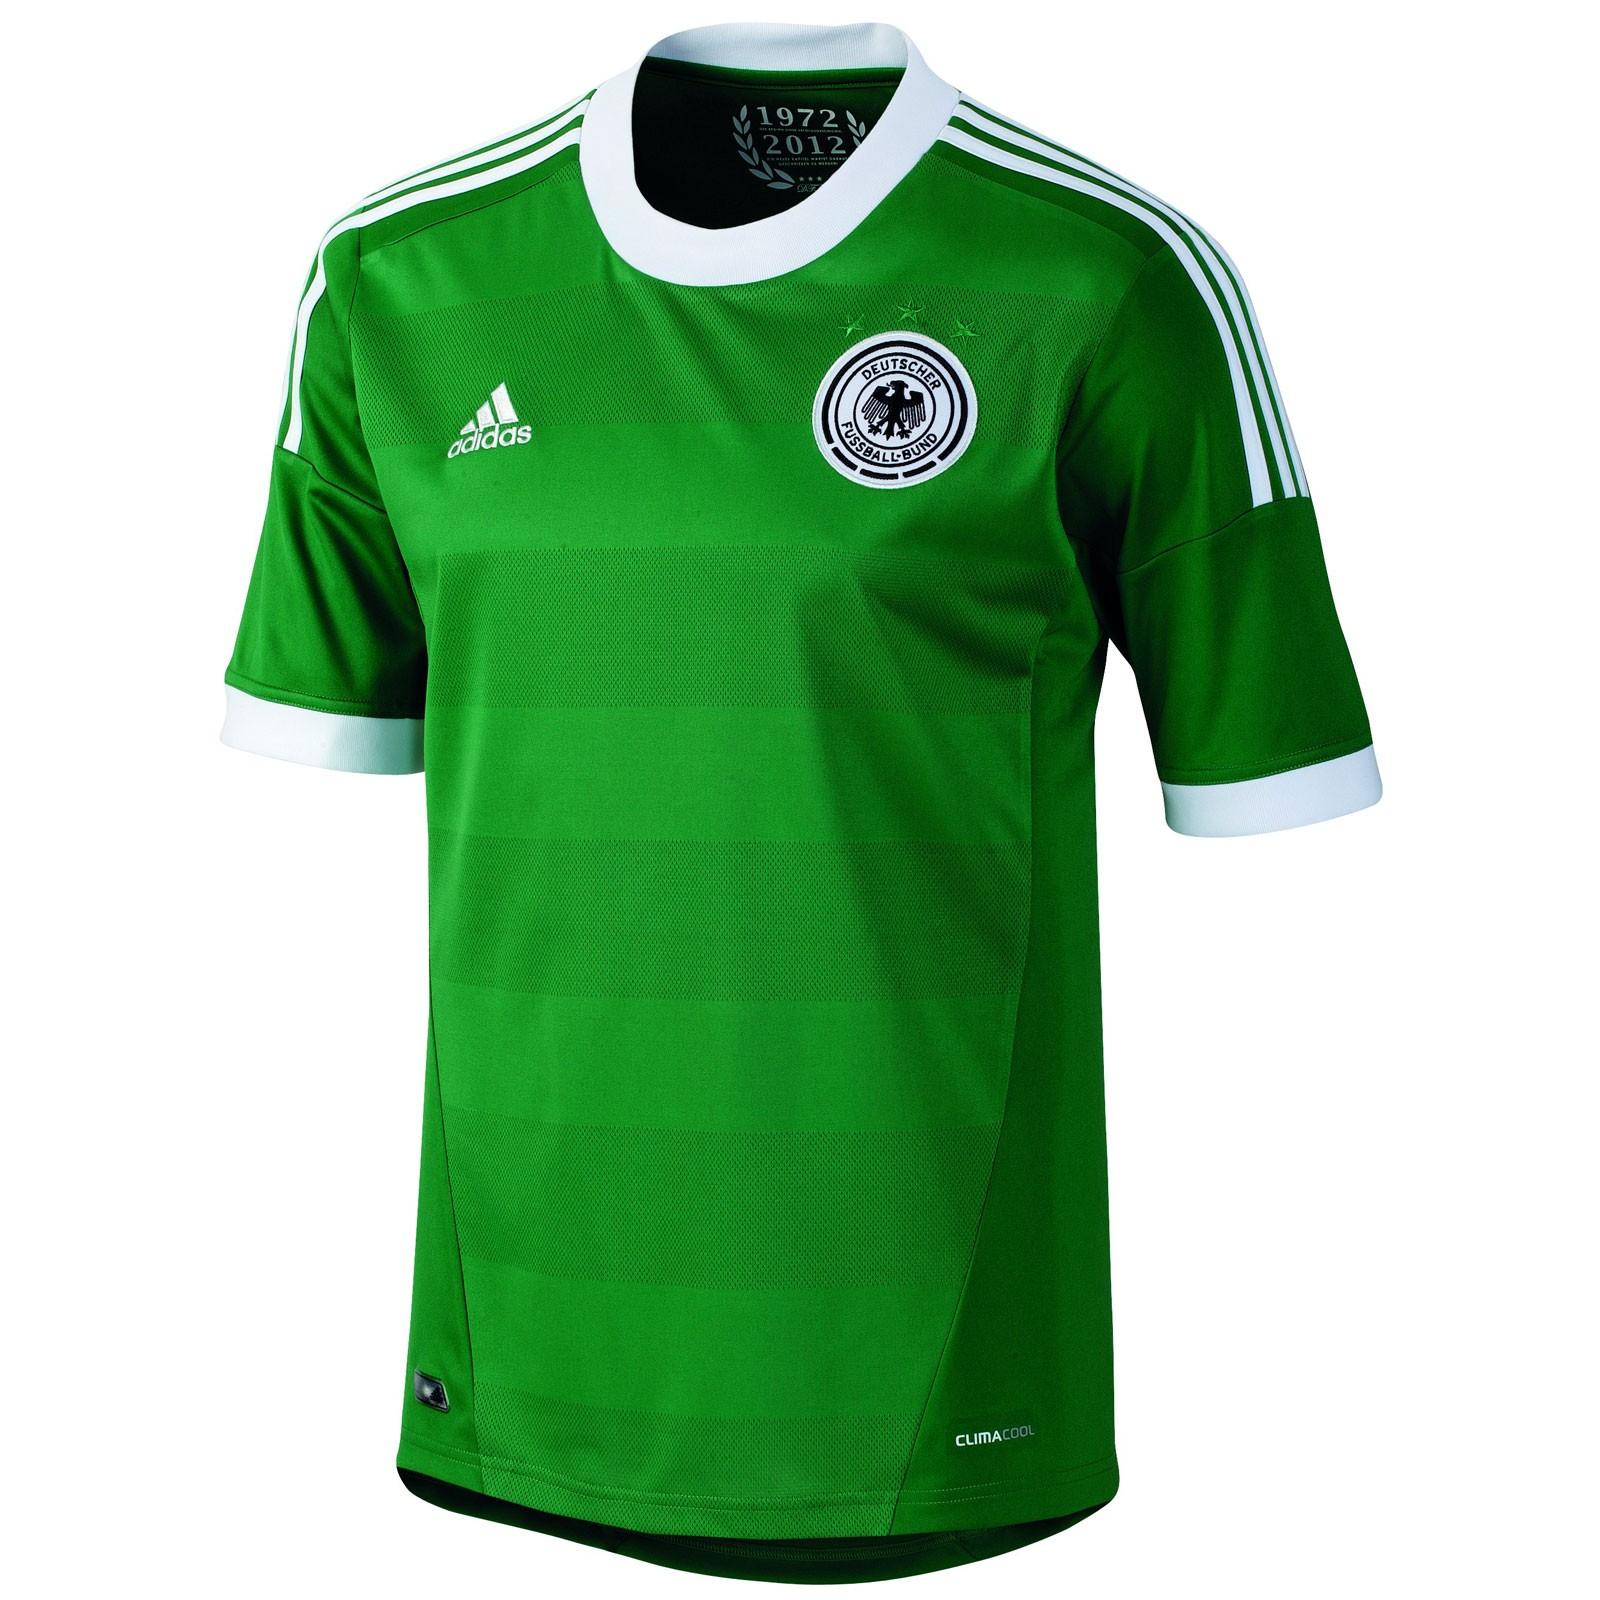 德国国家队2012欧洲杯球迷版客场球衣图片